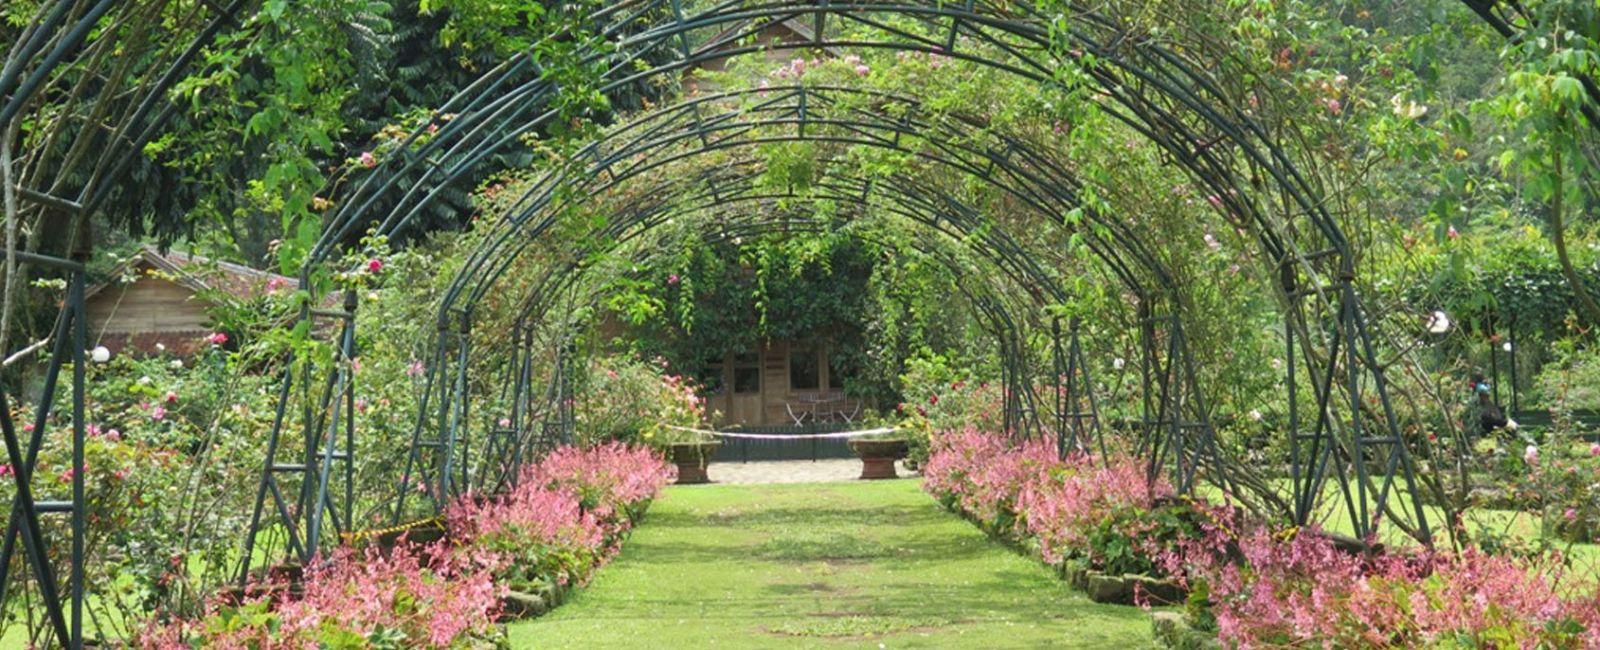 Kebun Mawar Situhapa Garut